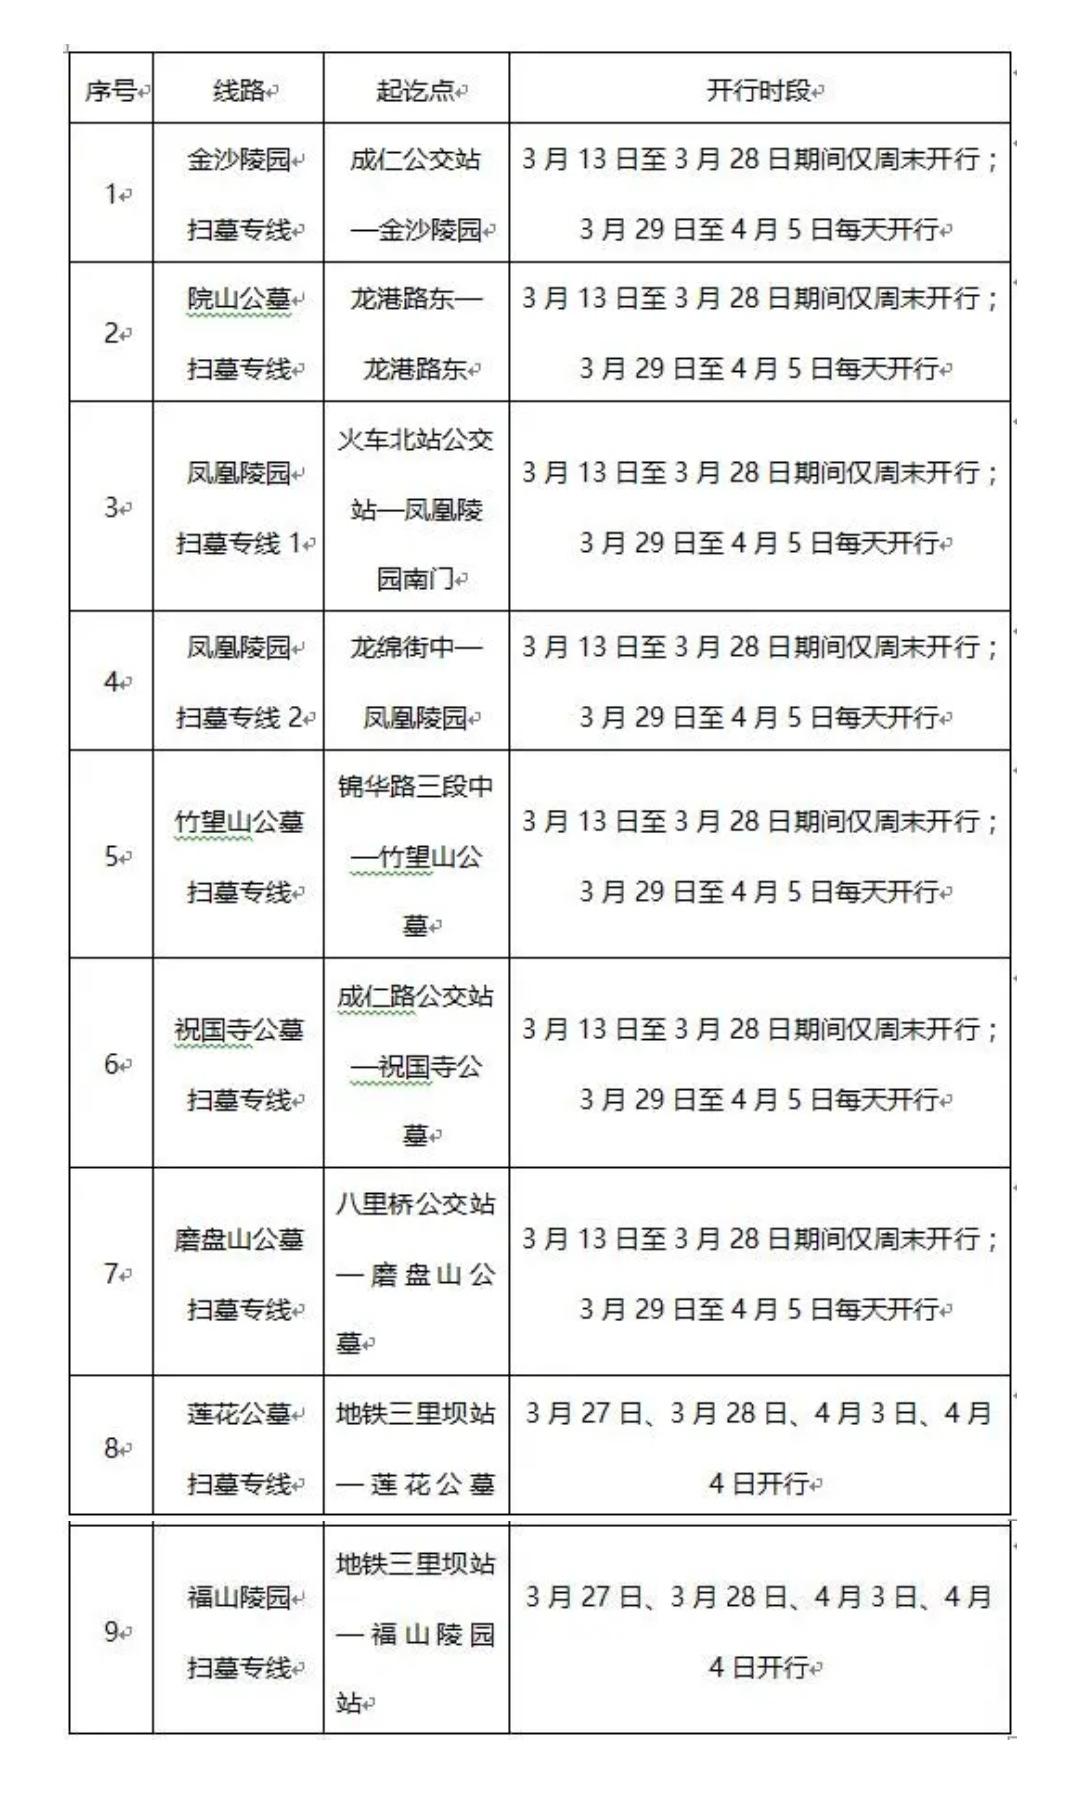 成都公交推出9条清明便民扫墓专线